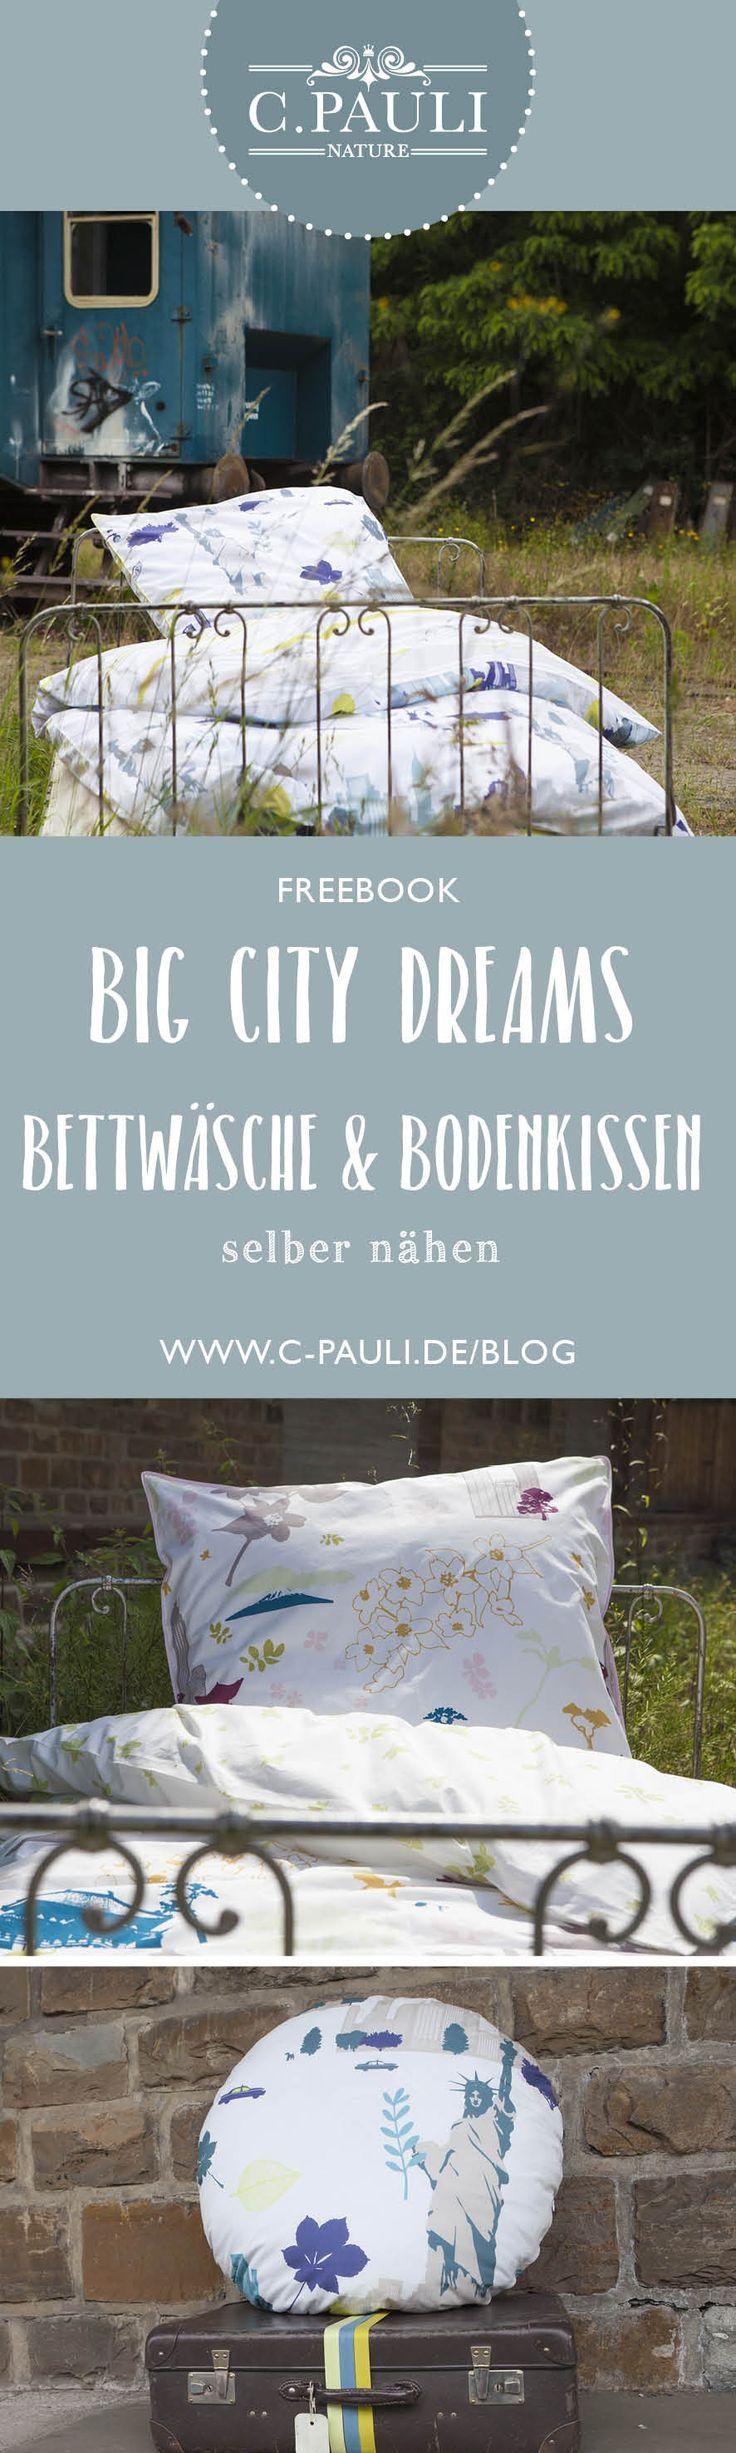 Dream a little dream of me … wir träumen von der großen Reise :: City-Special No 3 :: Wendebettwäsche und Bodenkissen | C.Pauli Nature Blog